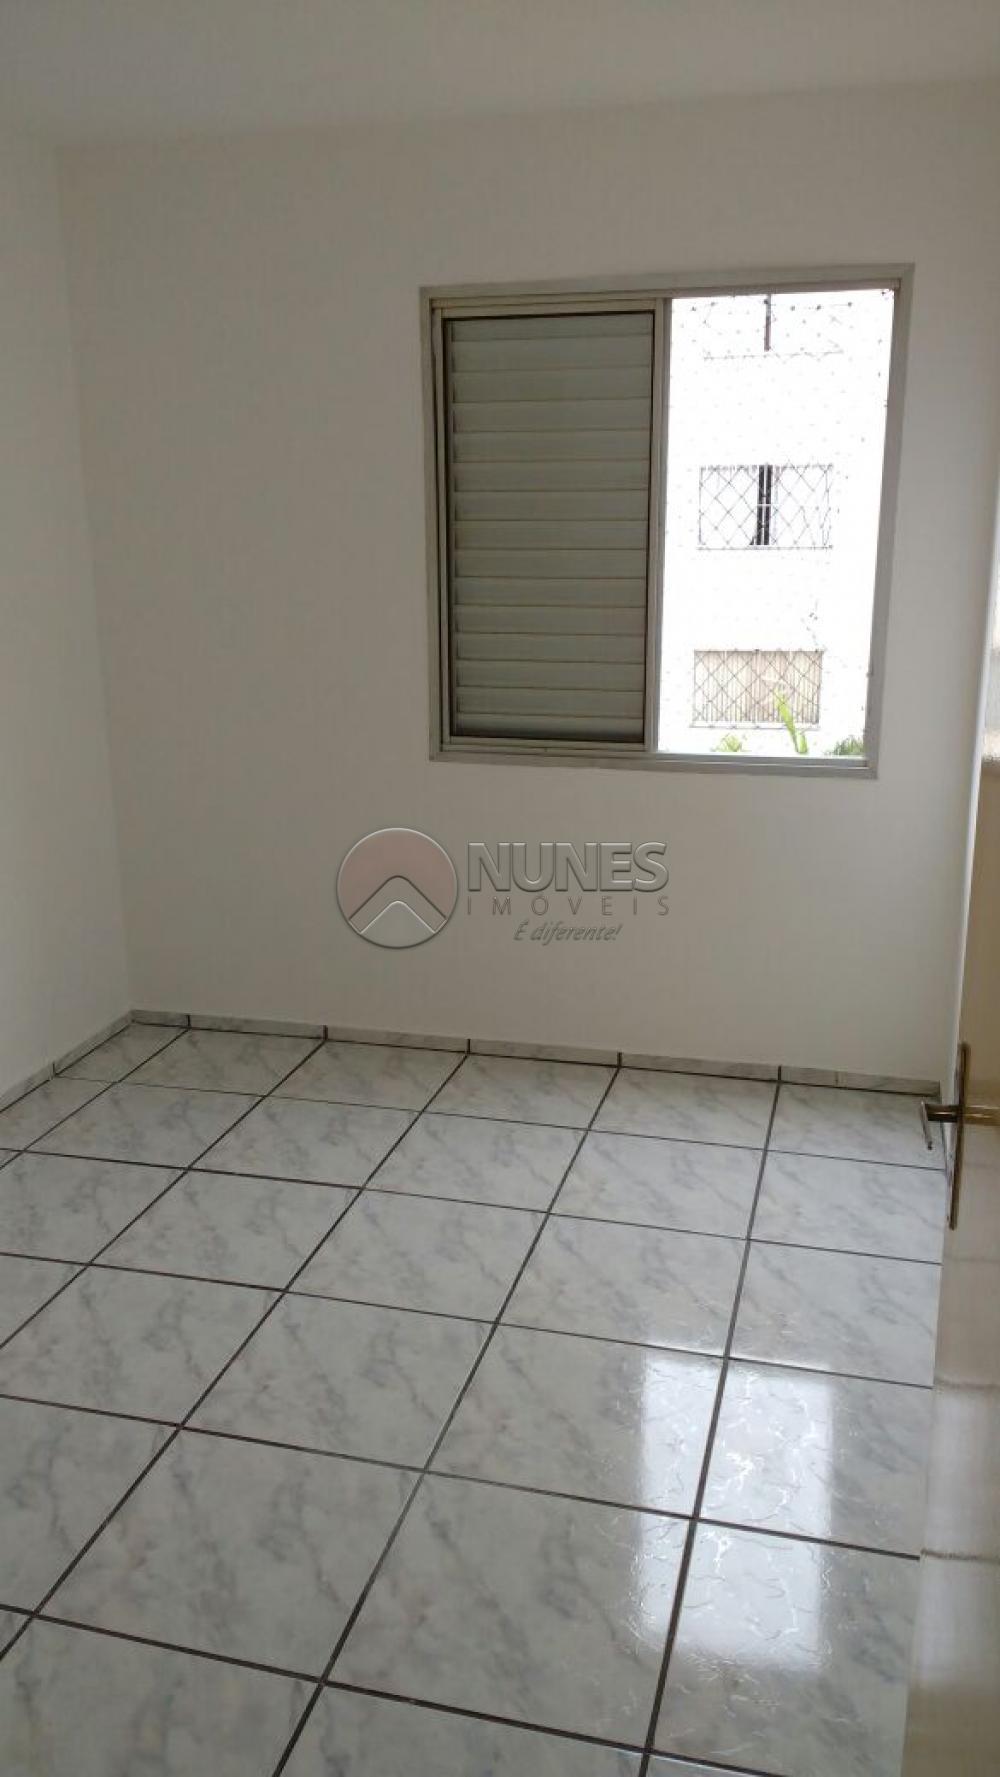 Comprar Apartamento / Padrão em São Paulo apenas R$ 199.000,00 - Foto 8